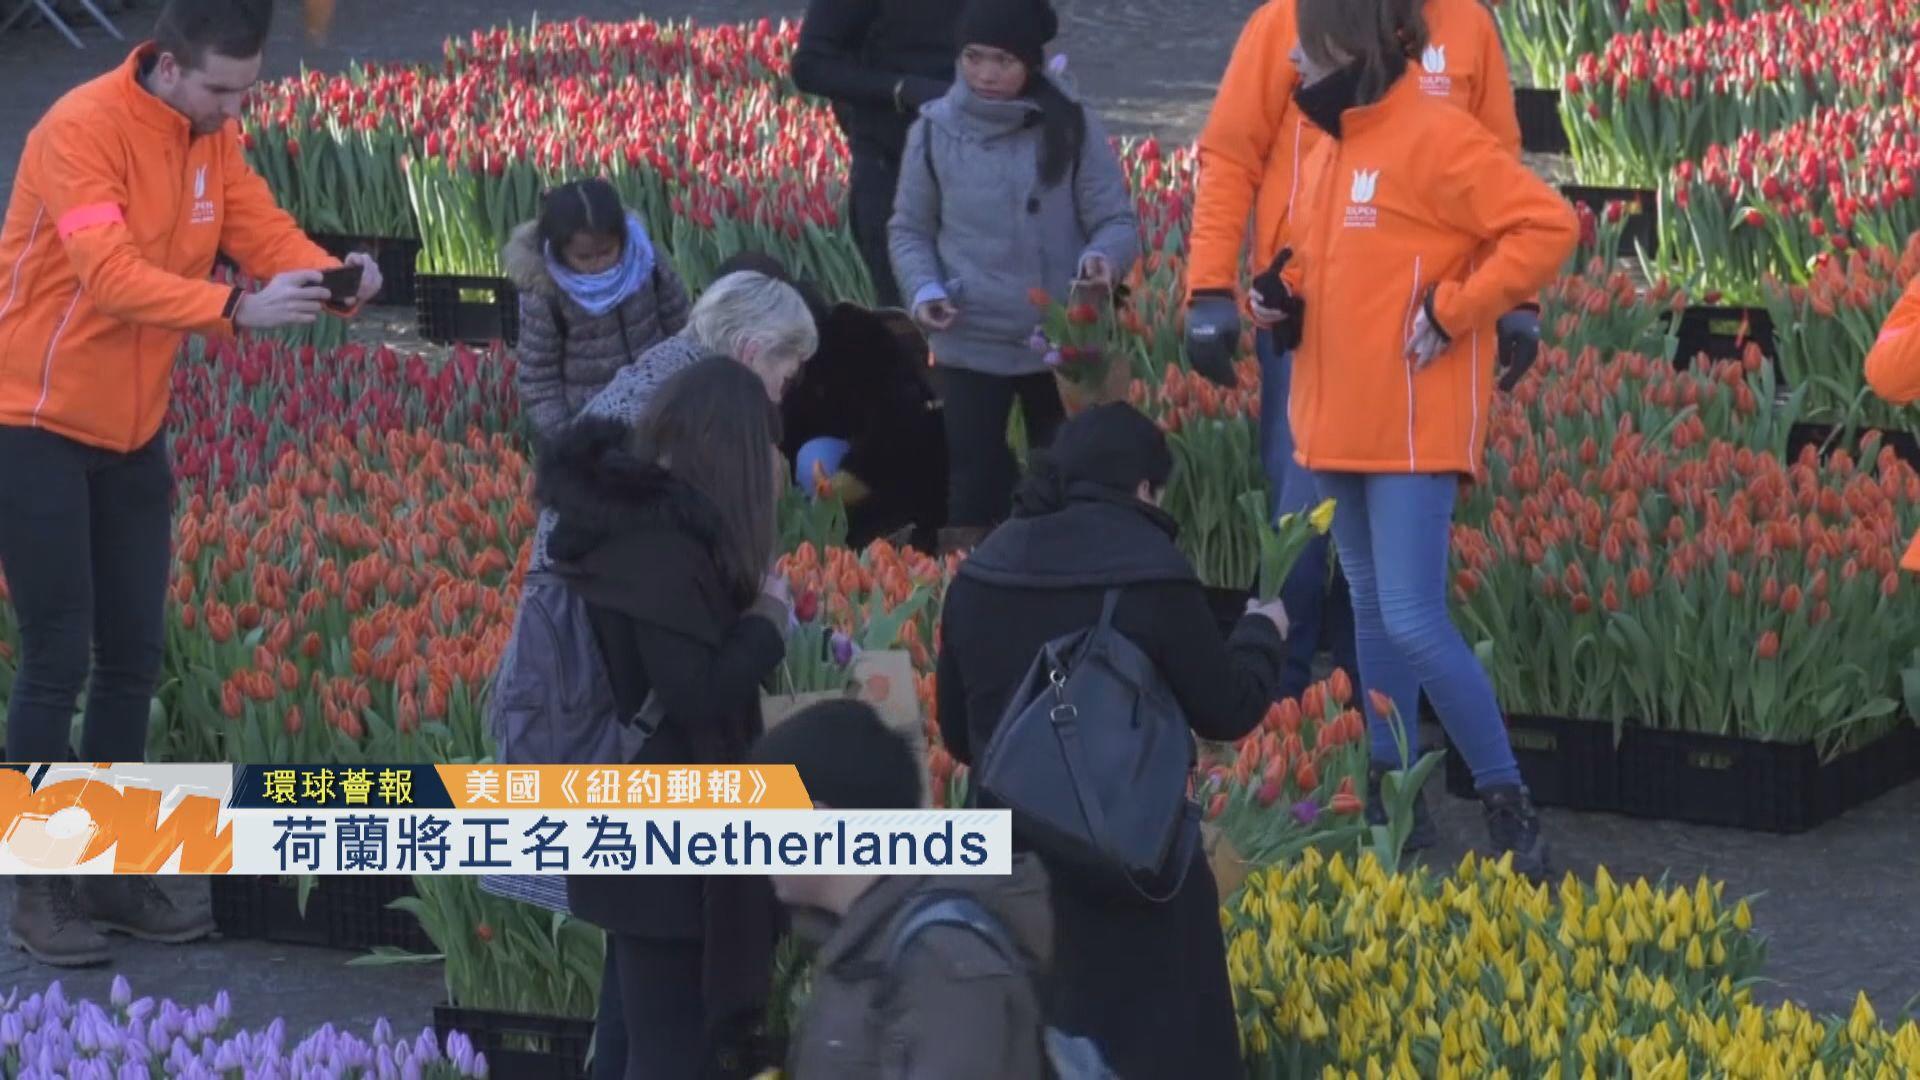 【環球薈報】荷蘭將正名為Netherlands